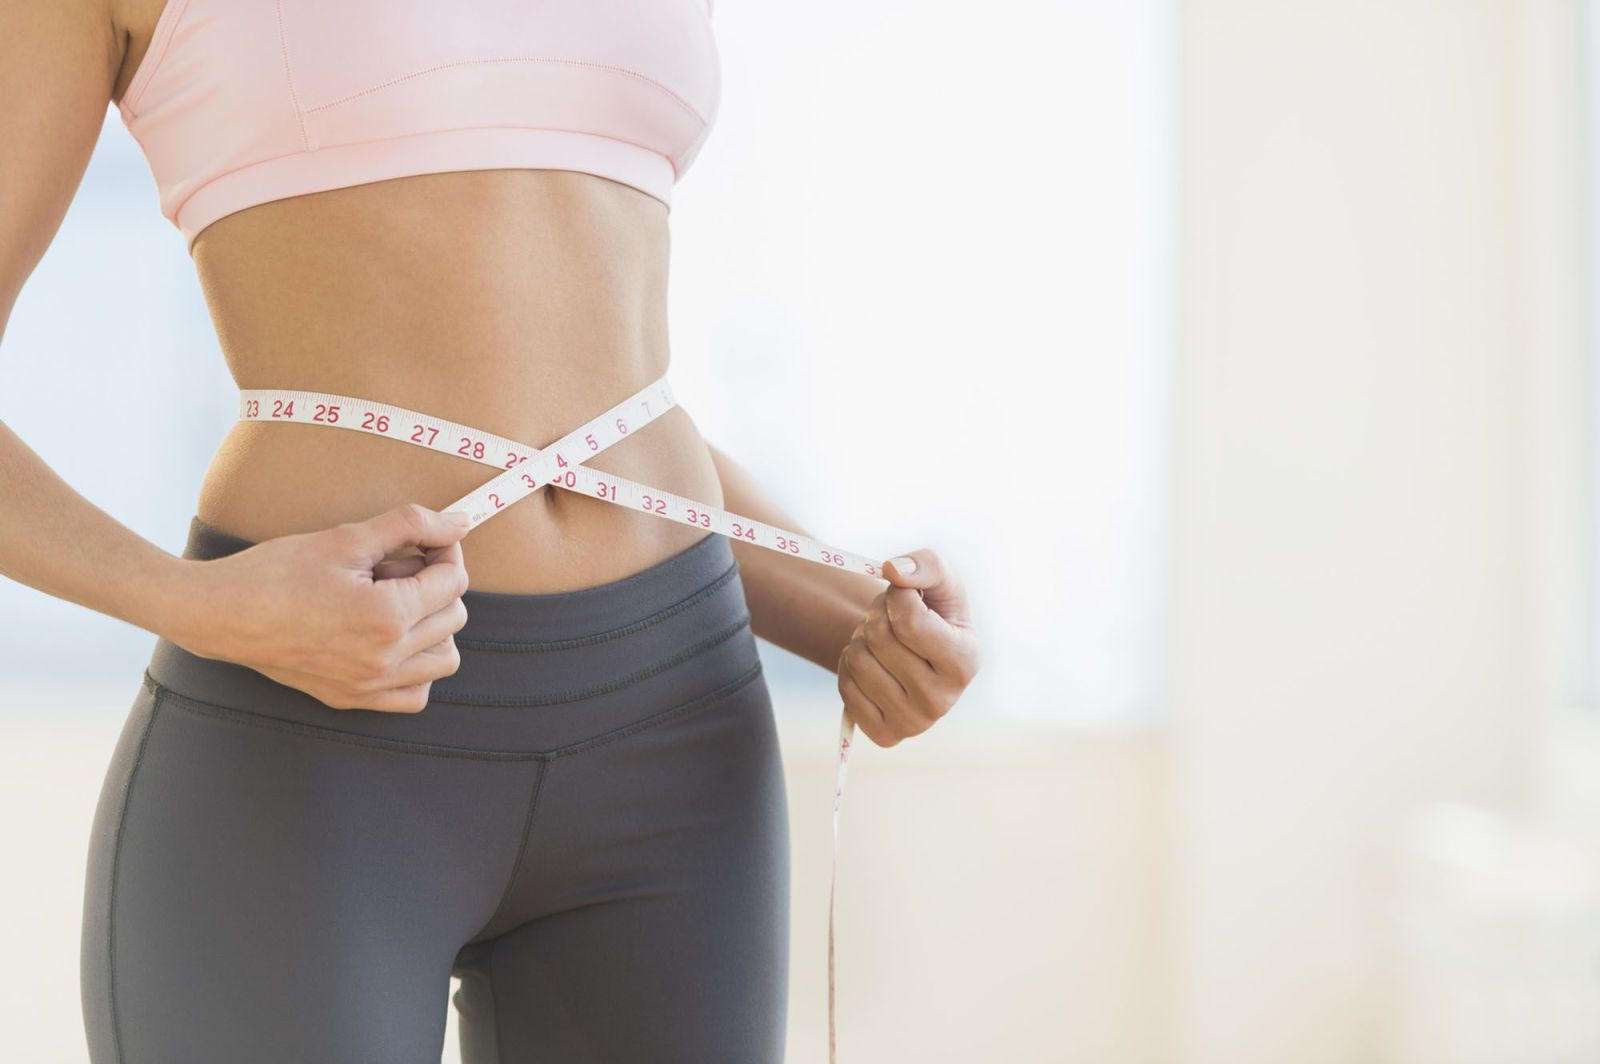 aumenta i muscoli e brucia i grassi allo stesso tempo